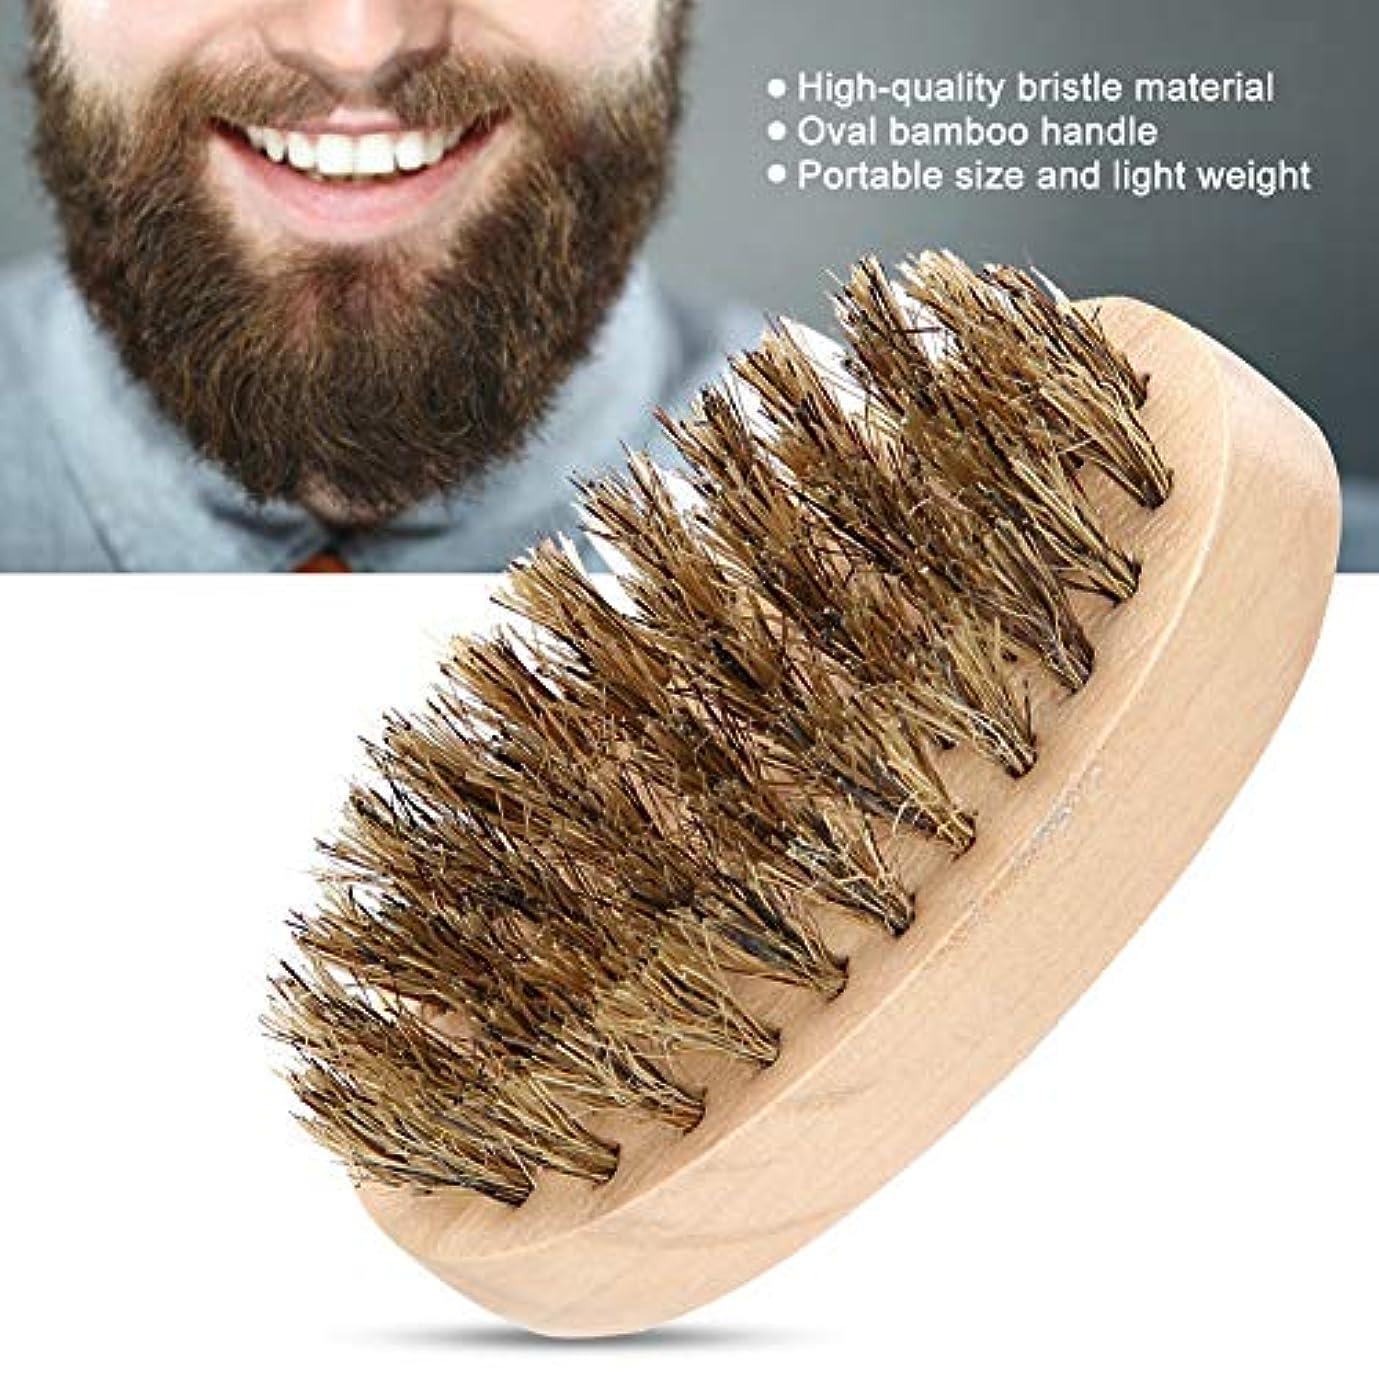 禁輸病的良心柔らかいひげのブラシ 男性の柔らかい毛のComの櫛の楕円形のタケハンドルのひげの形成用具